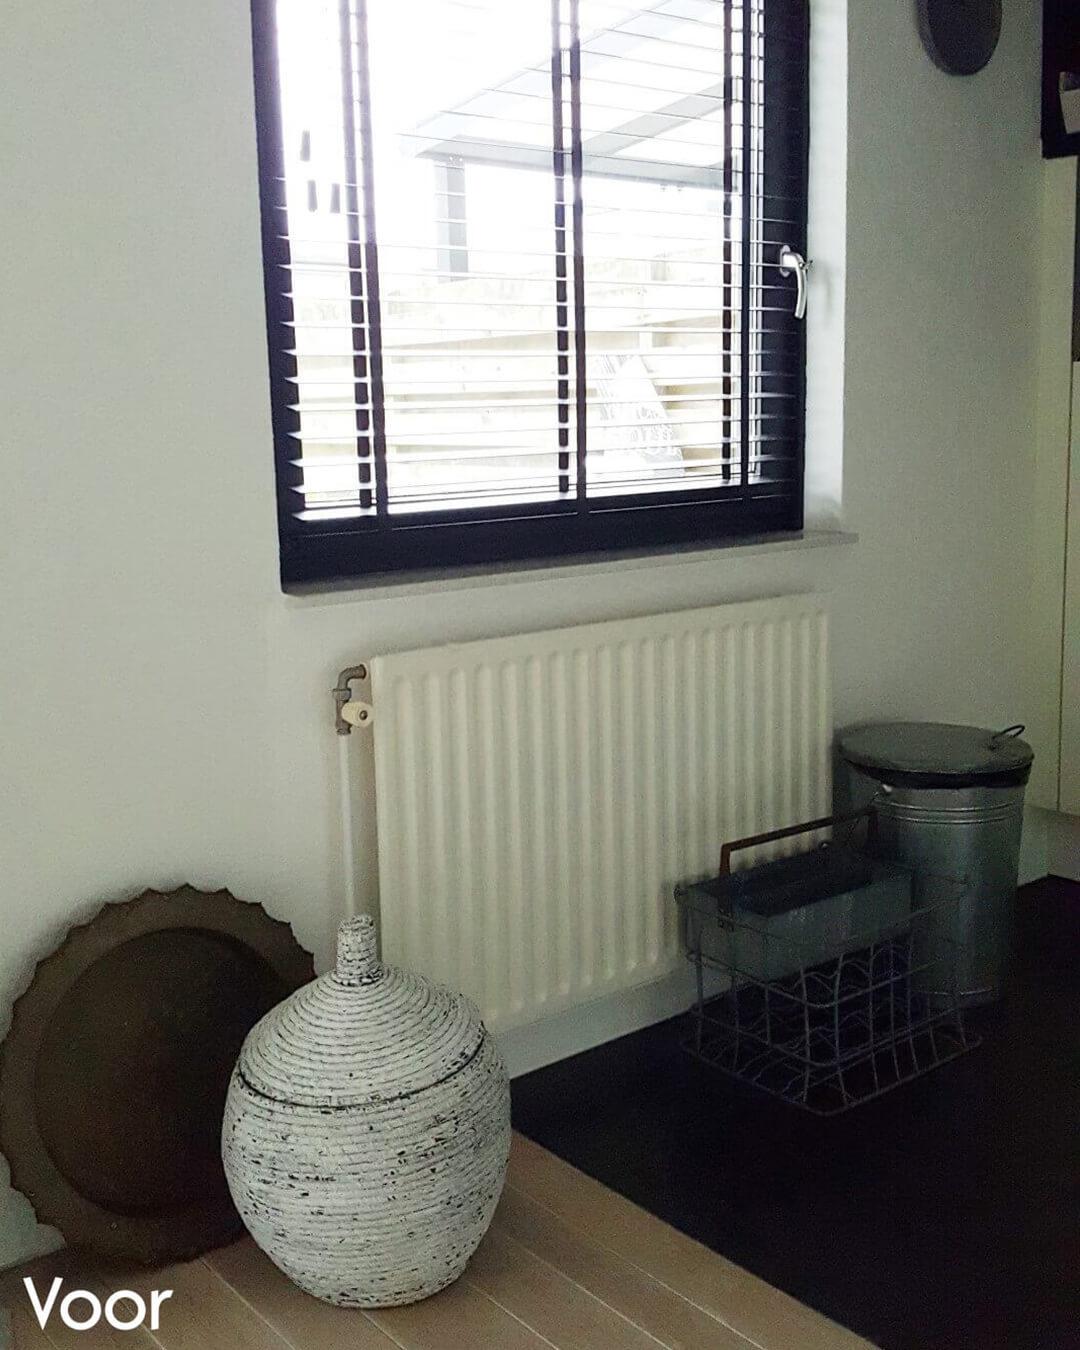 met deze ombouw was ze zo blij dat ze meteen wist dat ze ook in haar nieuwe woning sentimos wilde gebruiken om haar radiatoren op te leuken